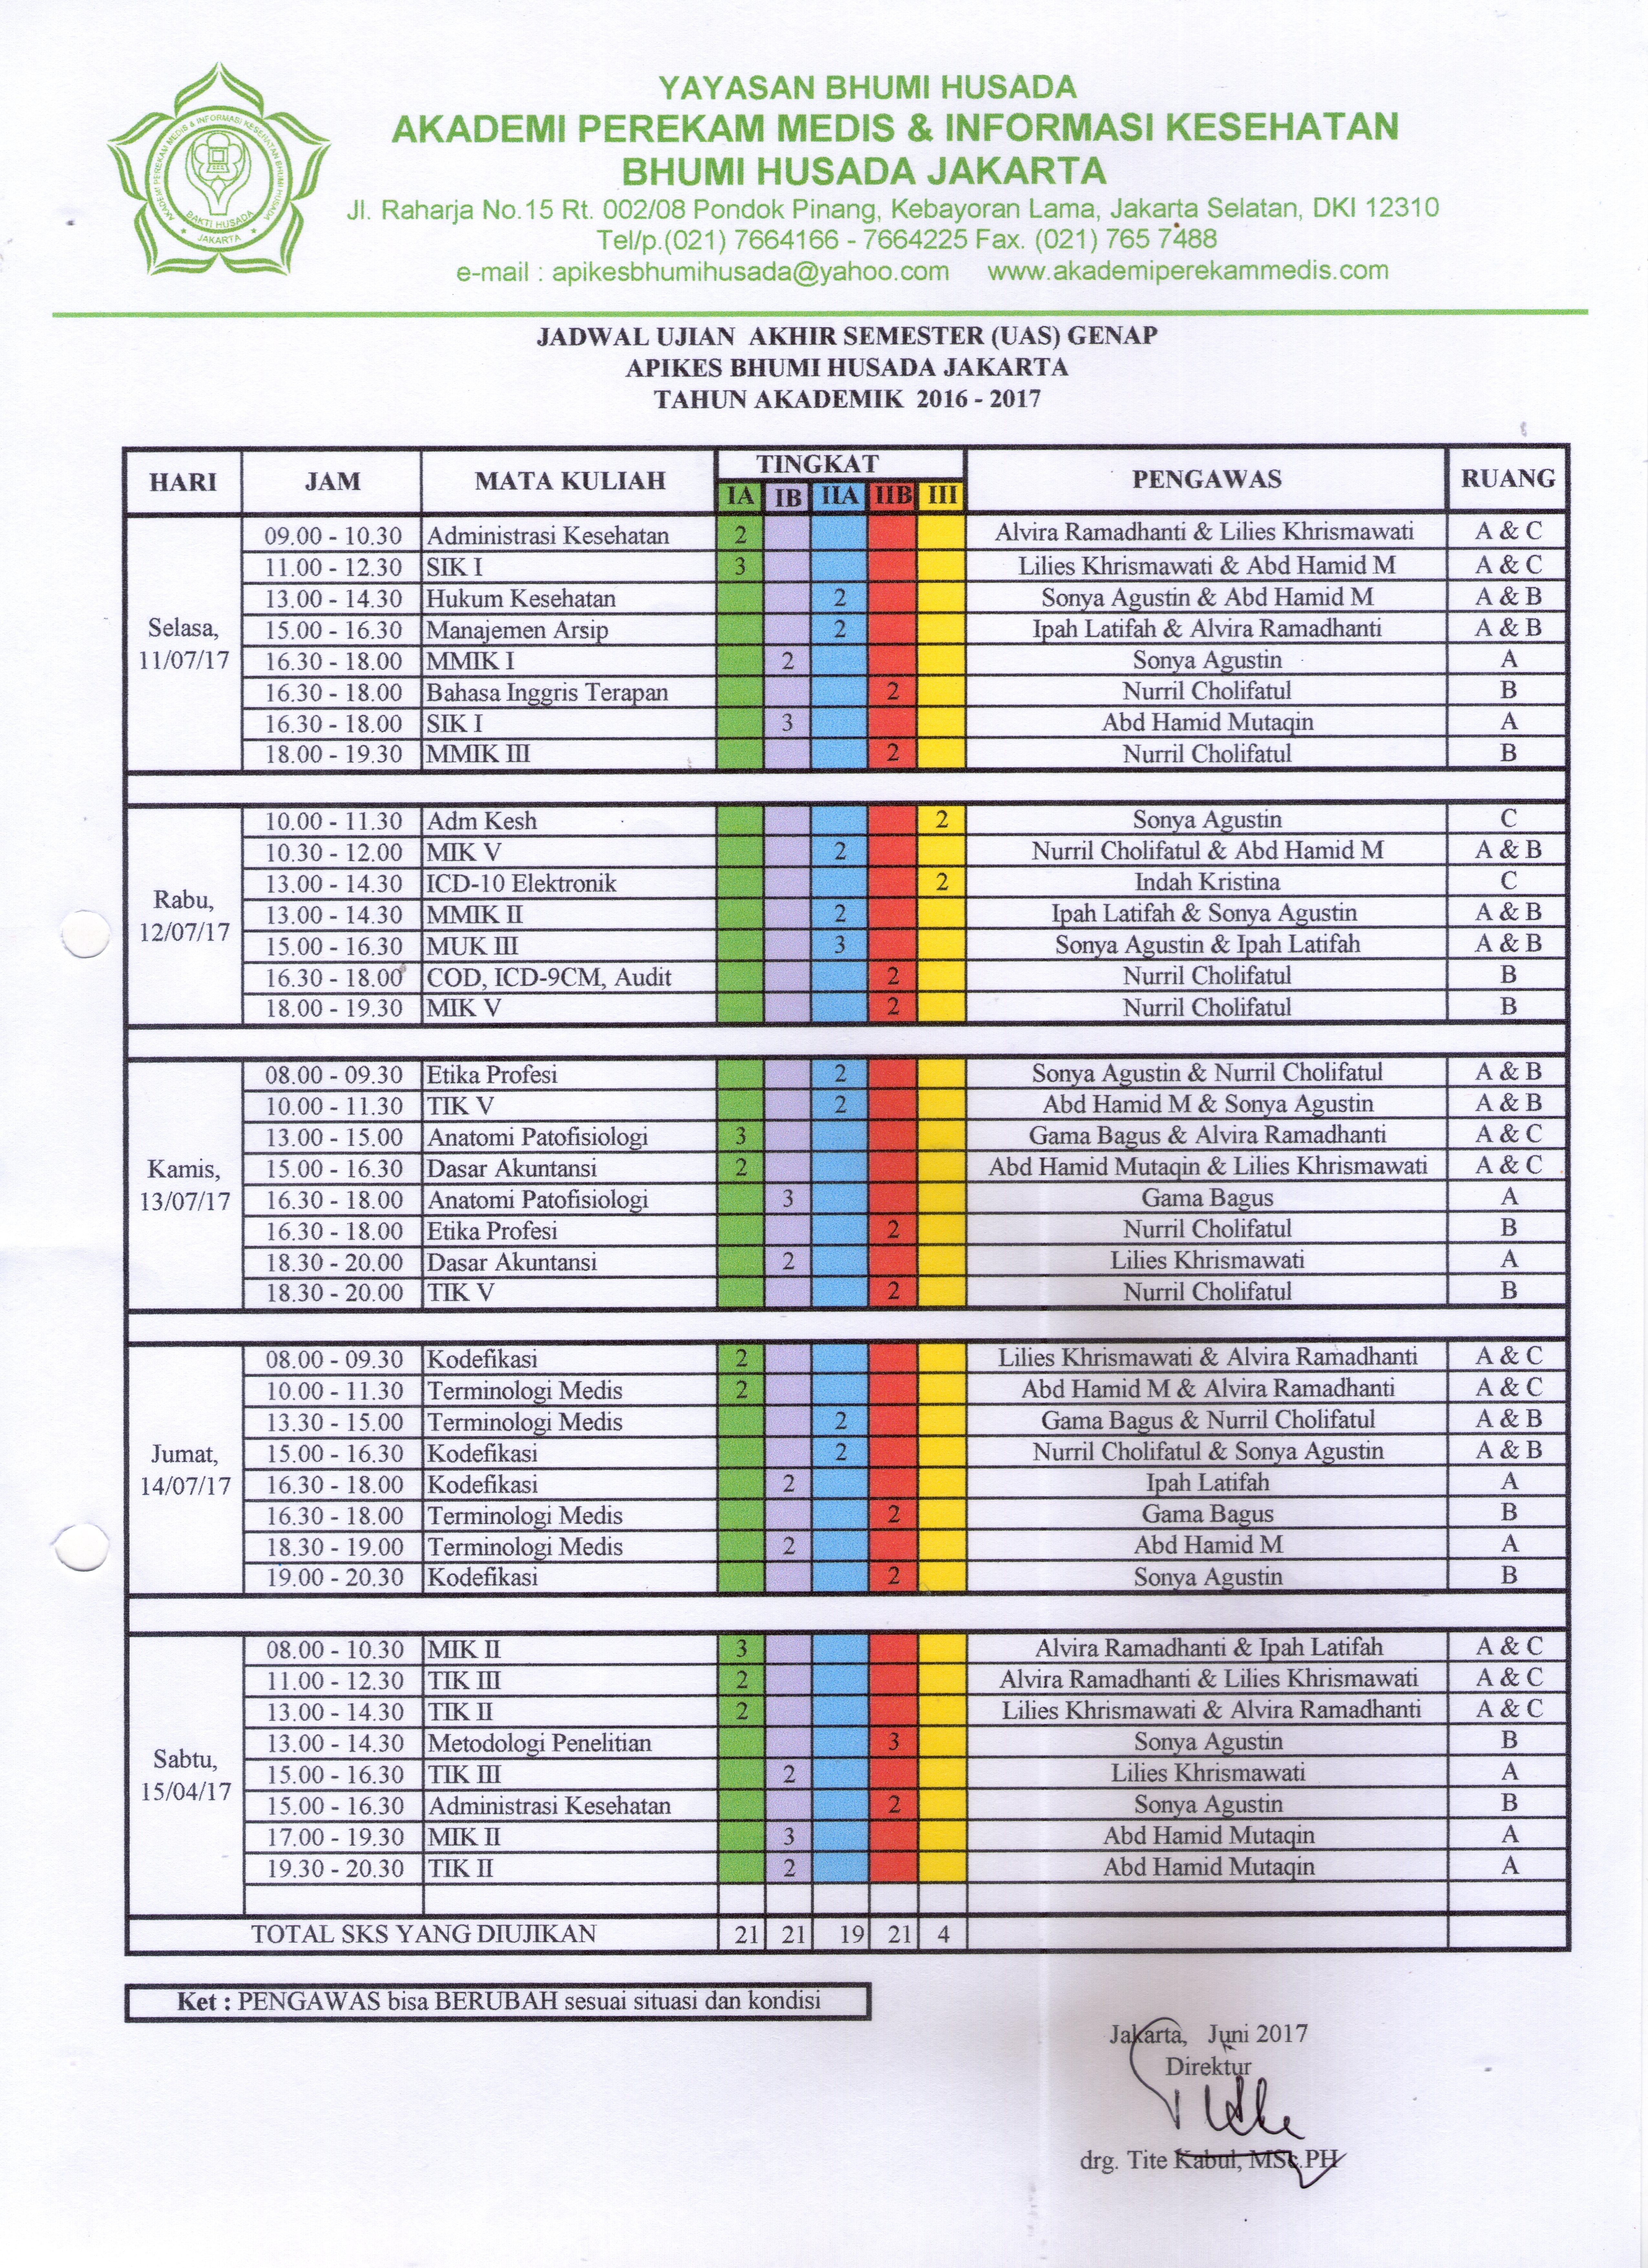 Jadwal Ujian Akhir Semester (UAS) Semester Genap 2016-2017